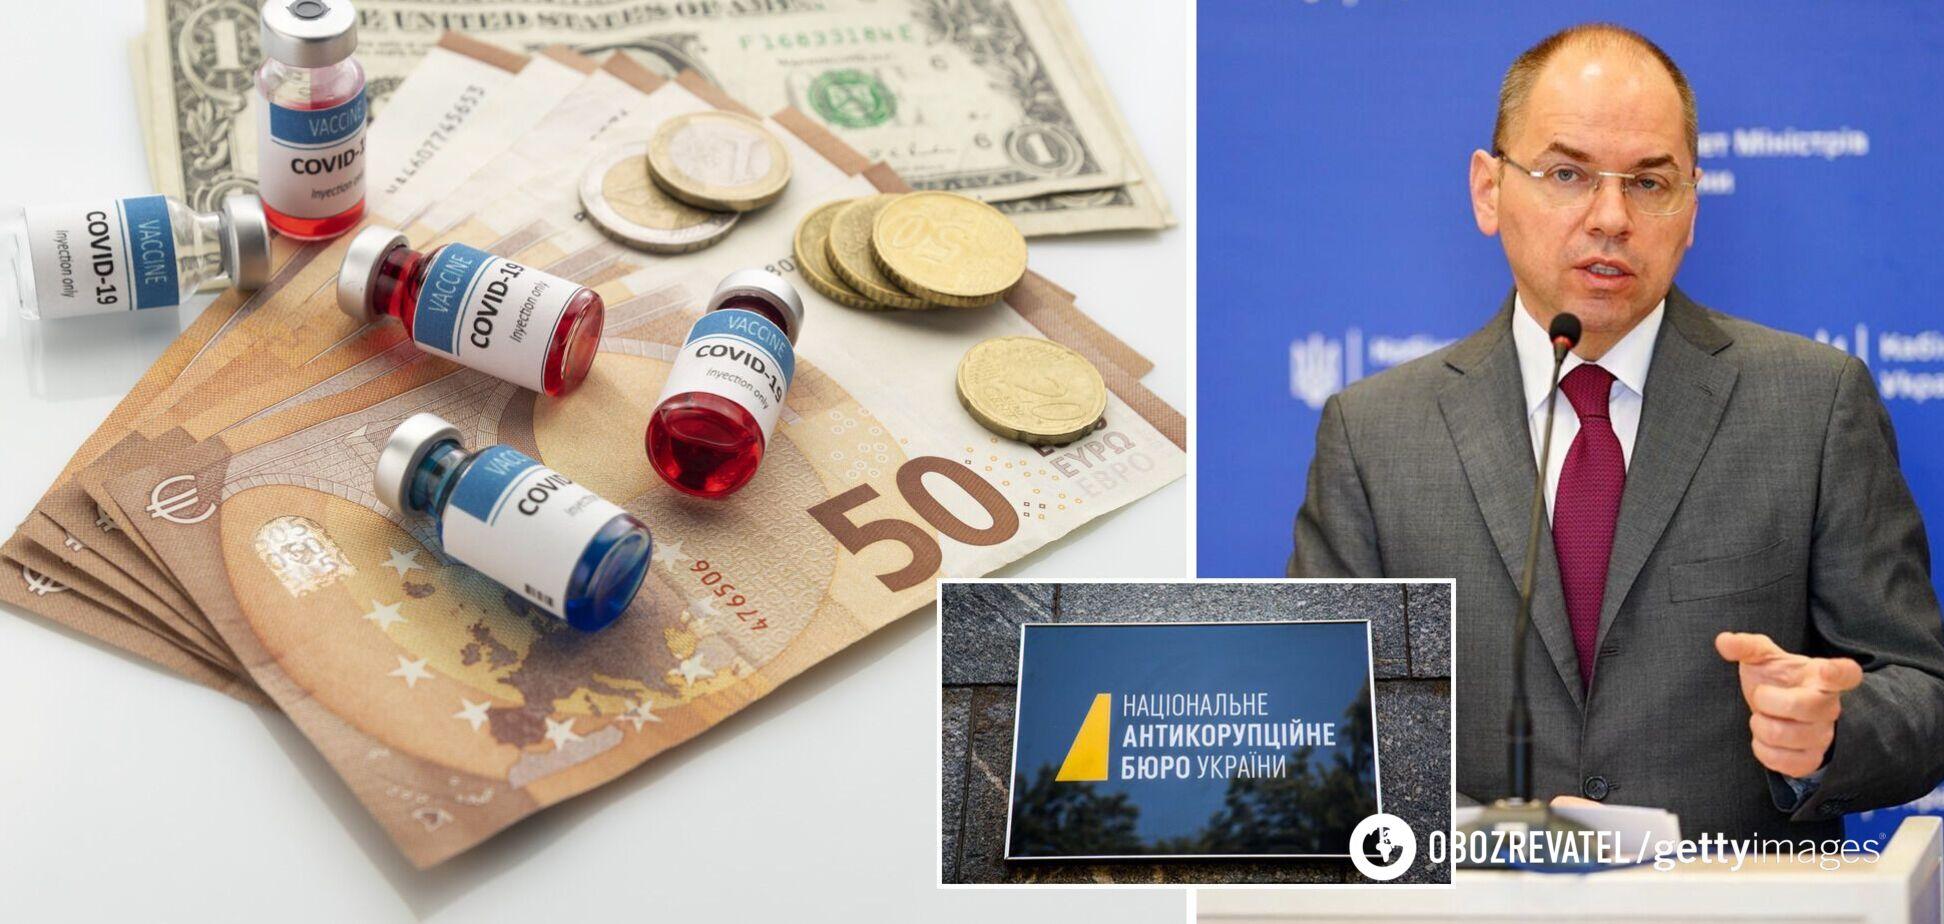 Степанов о скандале с закупкой вакцин: кто-то пытается сделать хайп